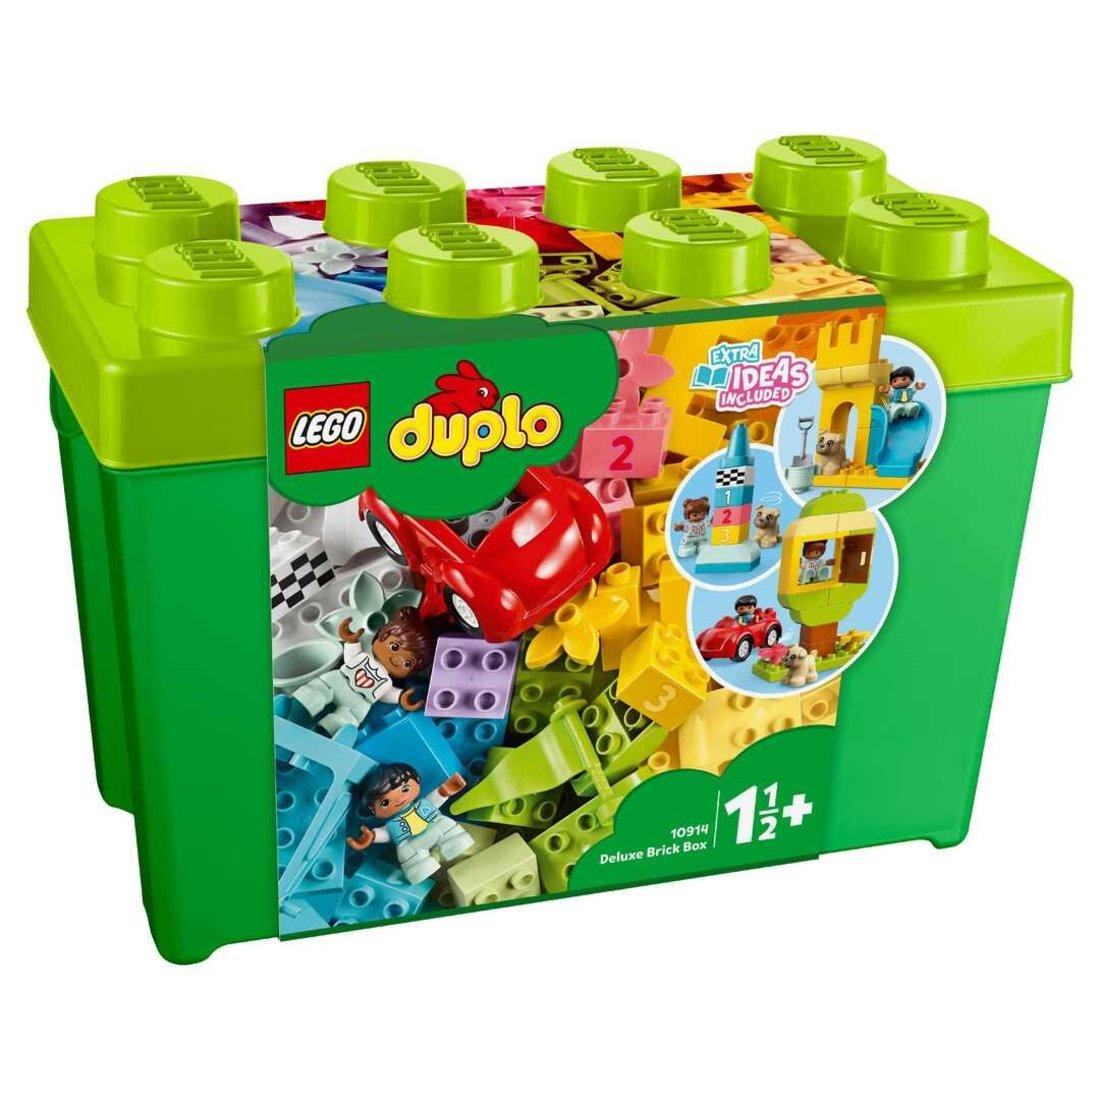 Констр-р LEGO DUPLO Classic Большая коробка с кубиками